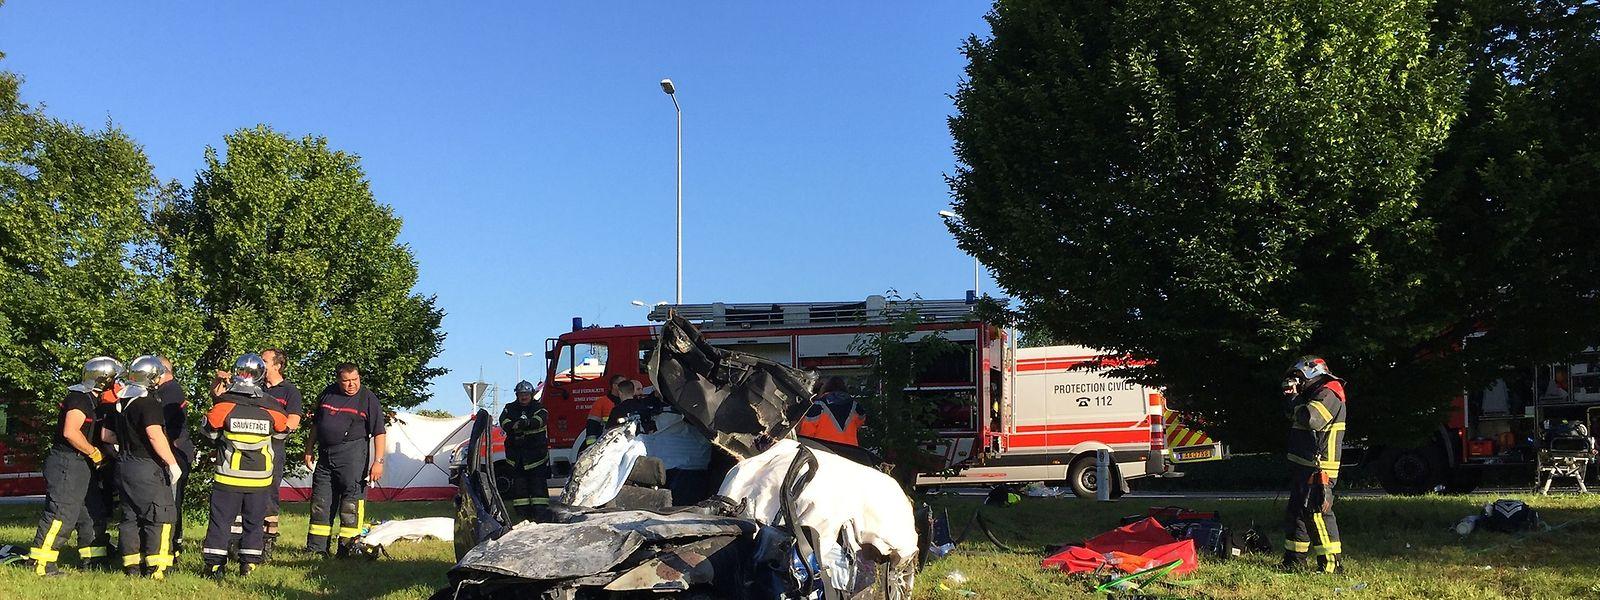 Bei dem schweren Unfall haben eine Frau (20) sowie ein Mann (38) ihr Leben gelassen.